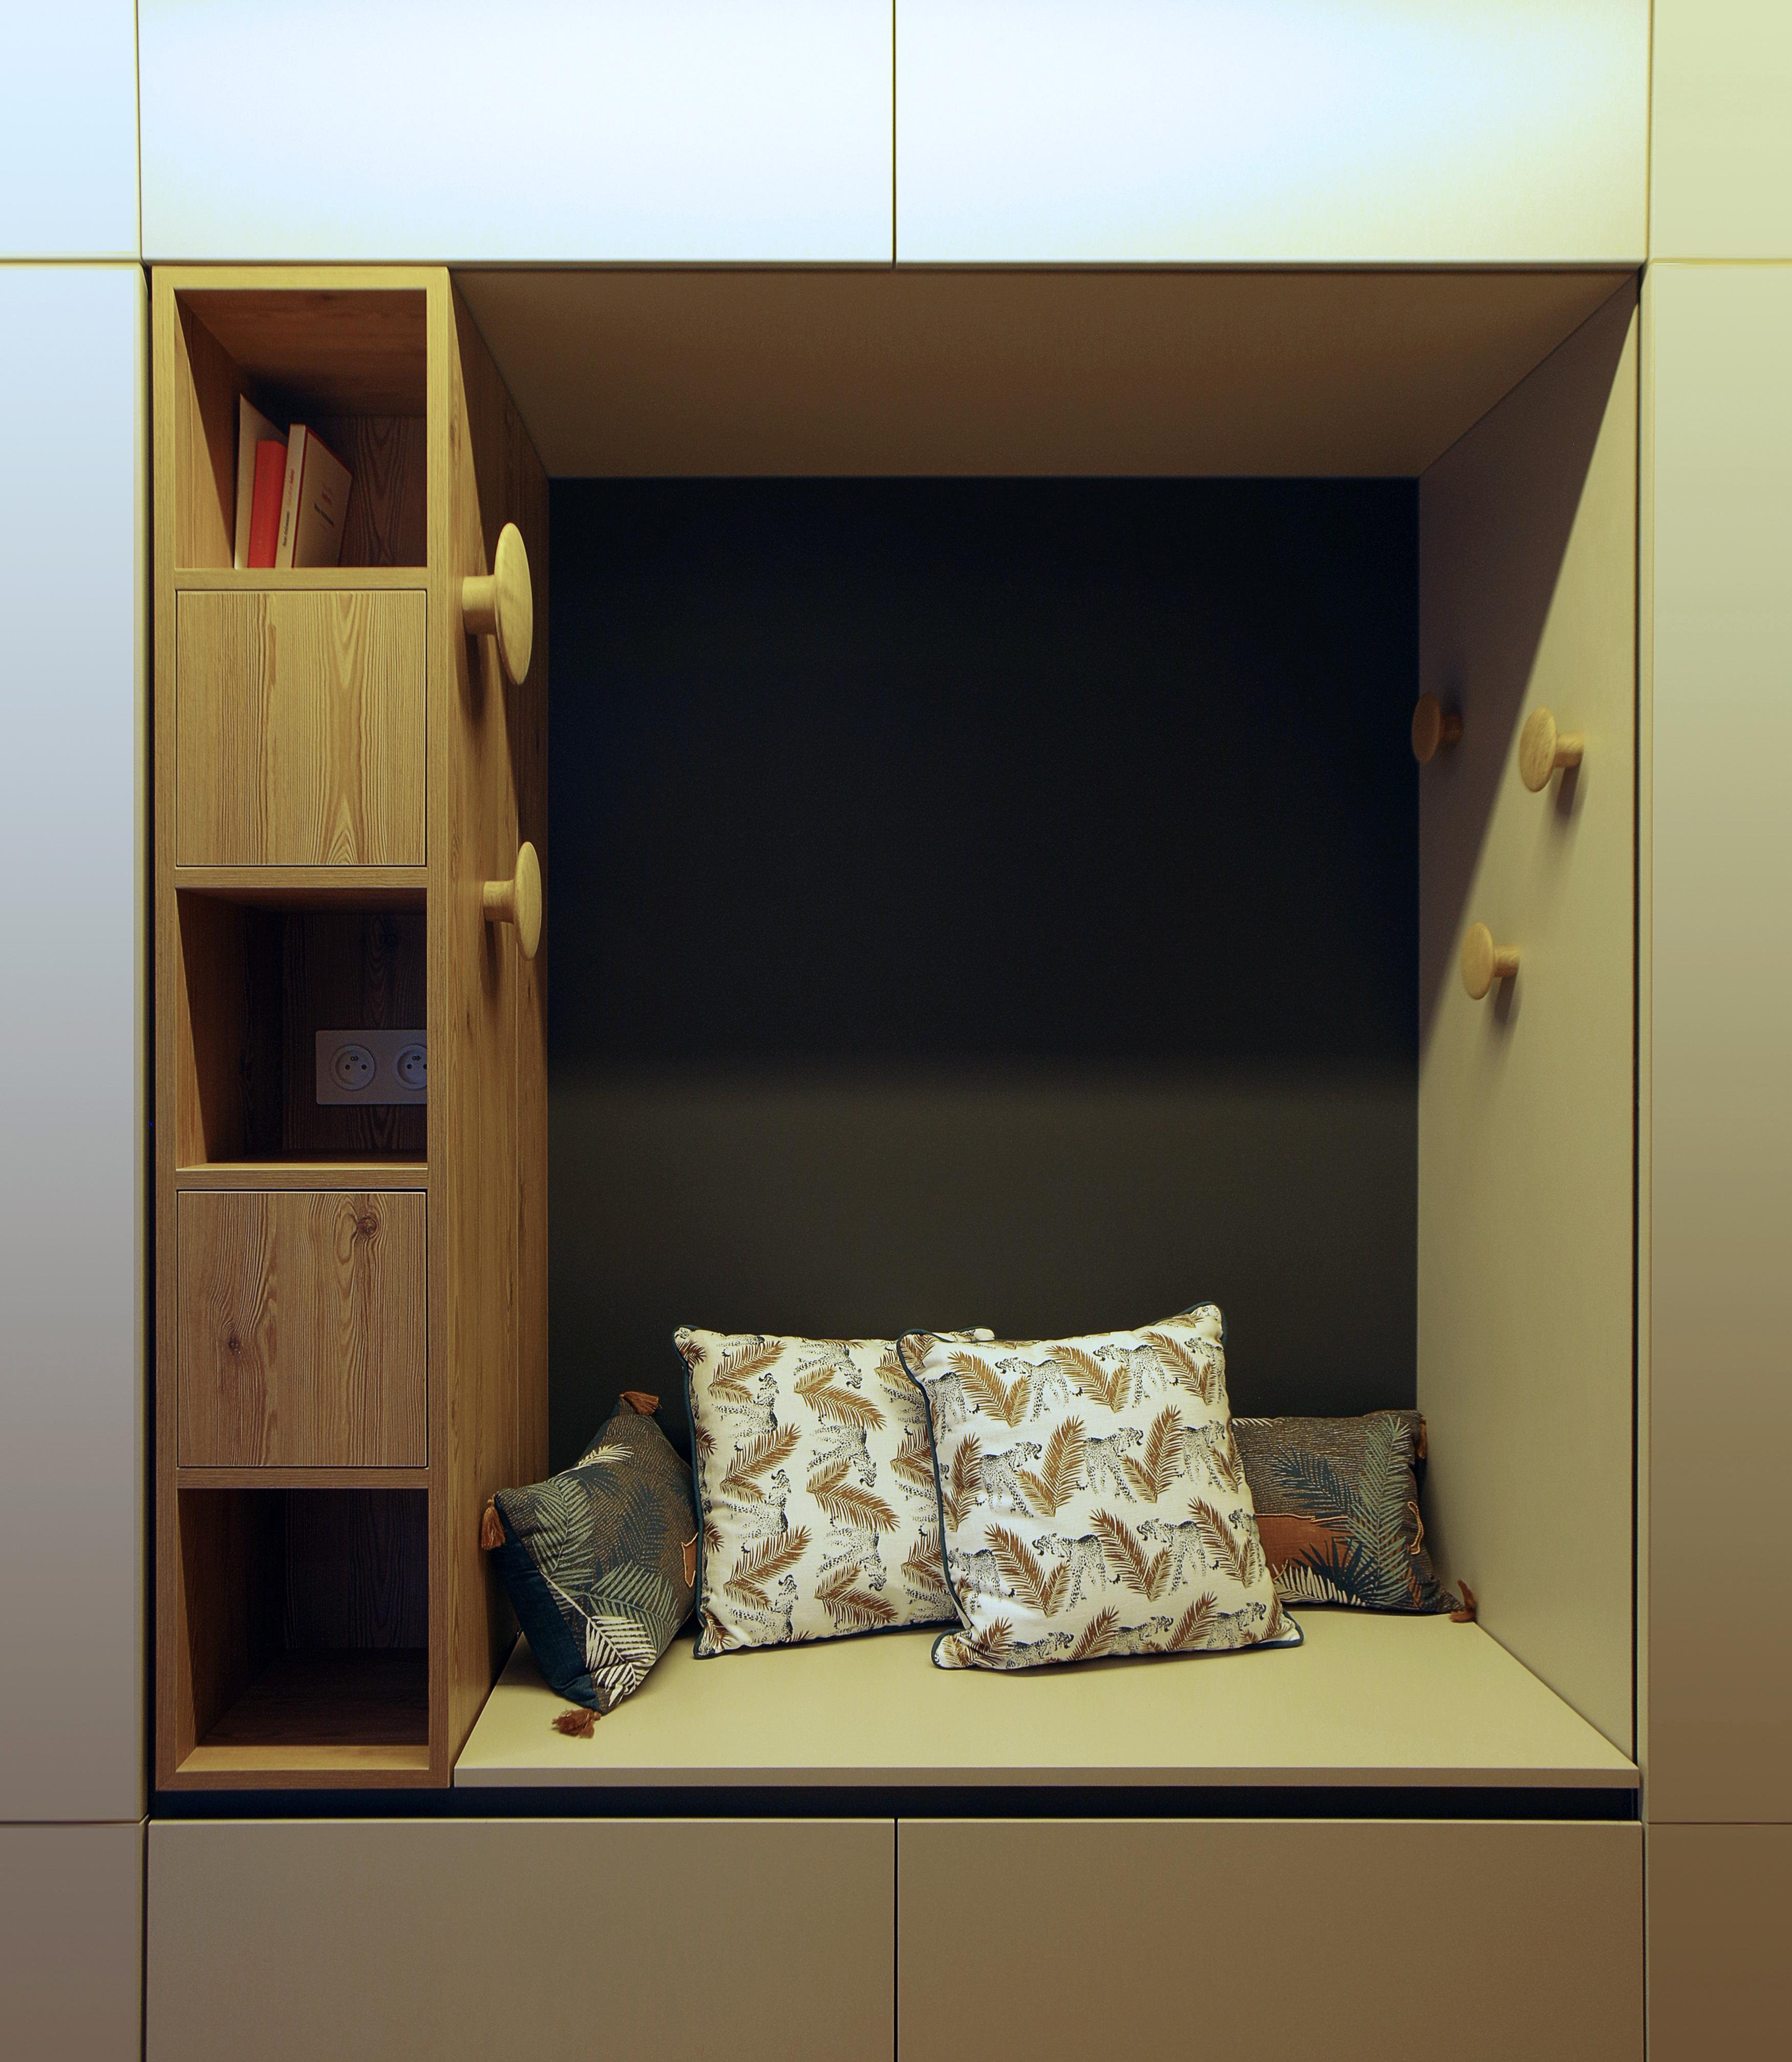 Appartement_Rénovation_Annecy_niche_agencement_entrée_rengement